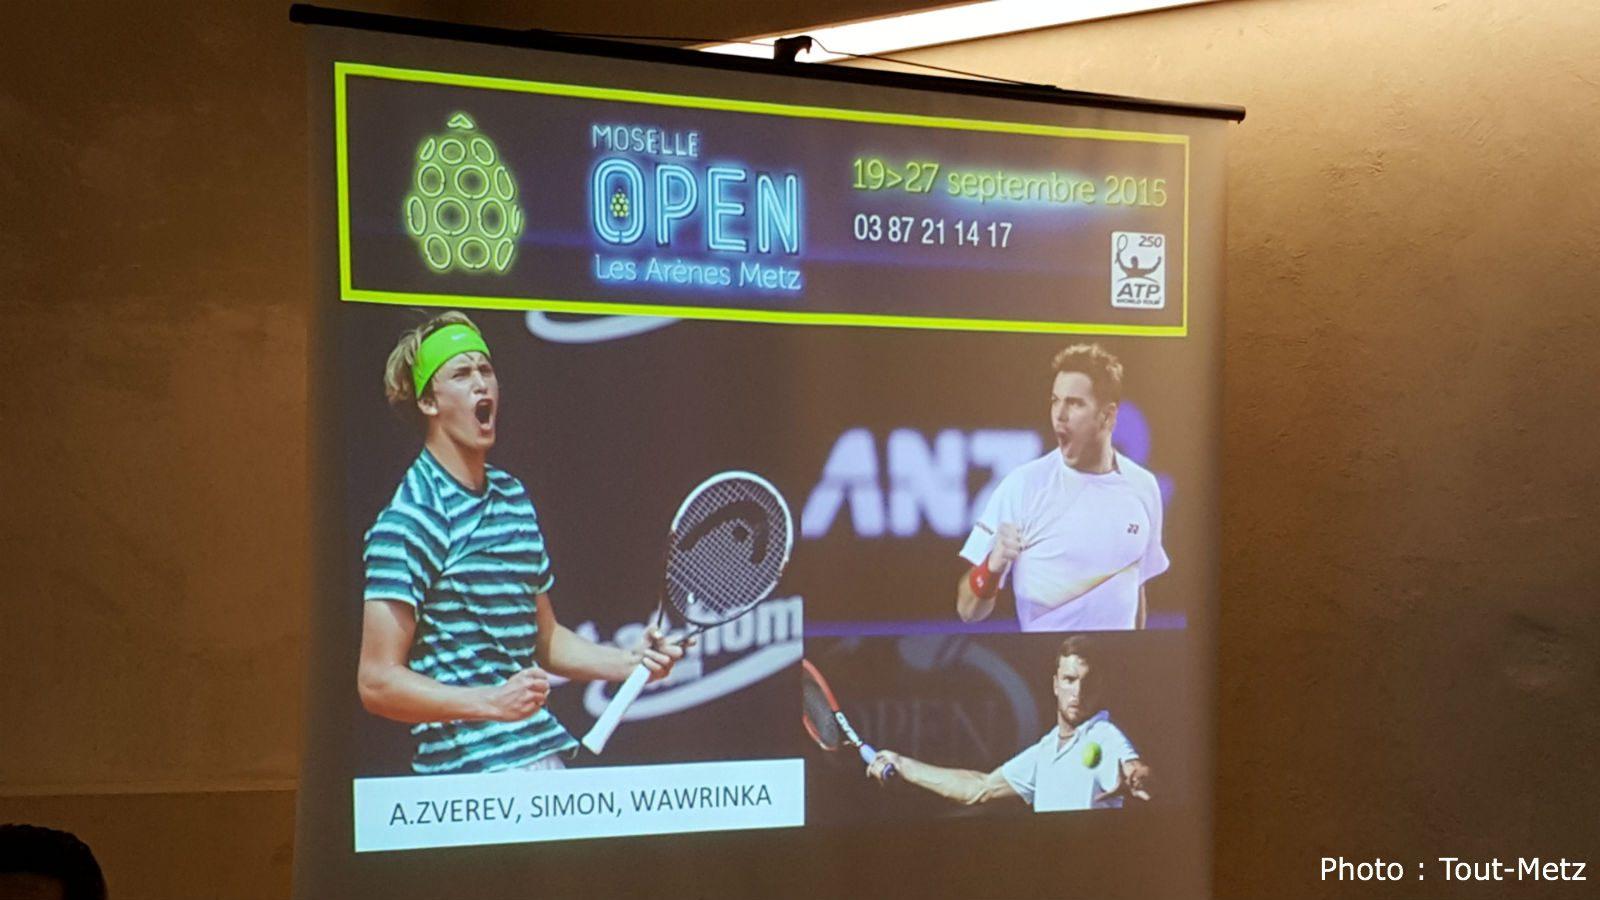 Le nom de 3 premiers joueurs confirmés pour le Moselle Open 2015, avec une grosse surprise